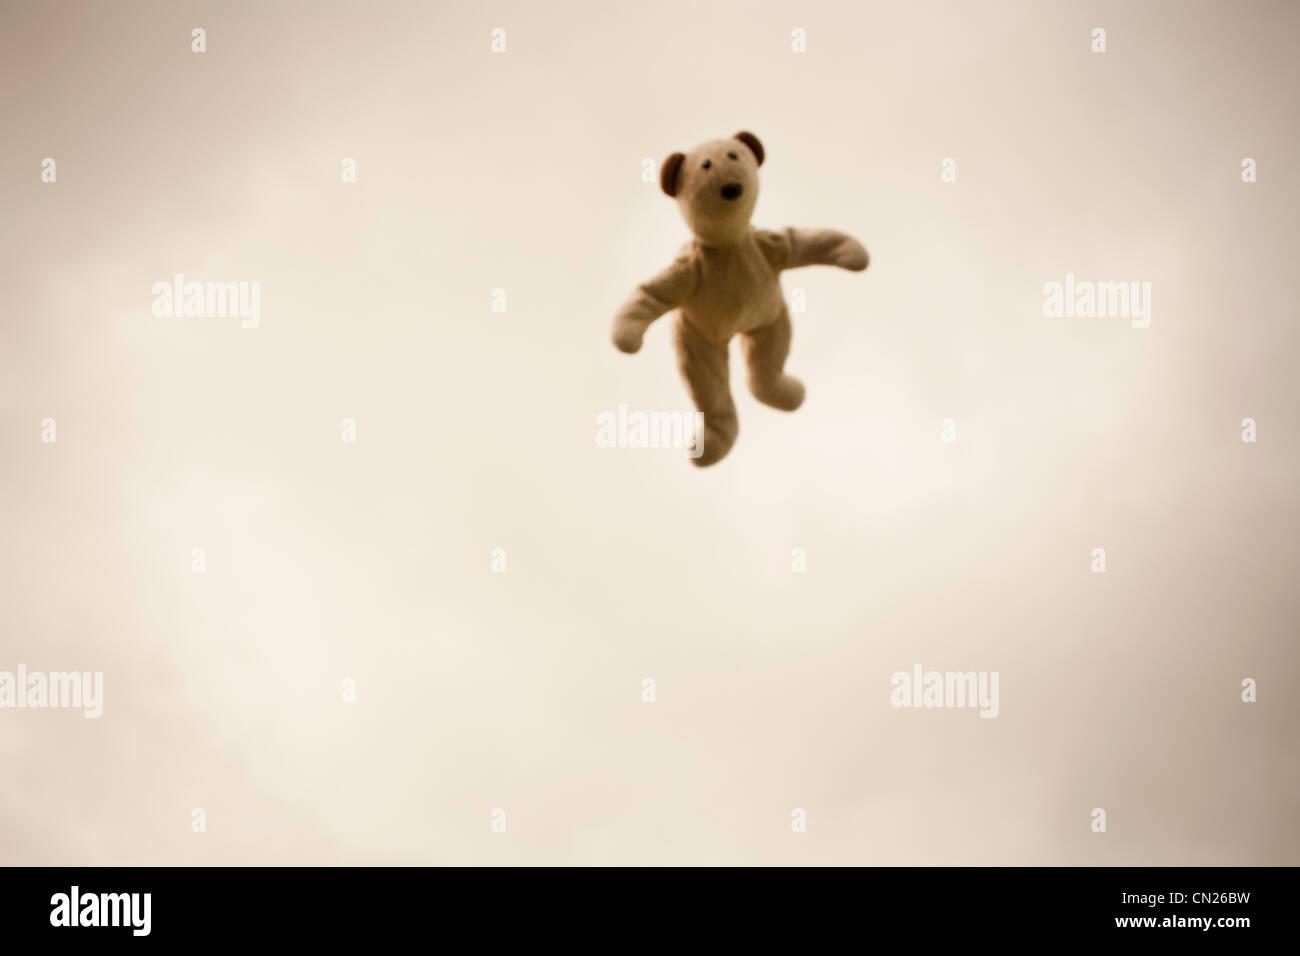 Teddybär in der Luft Stockbild